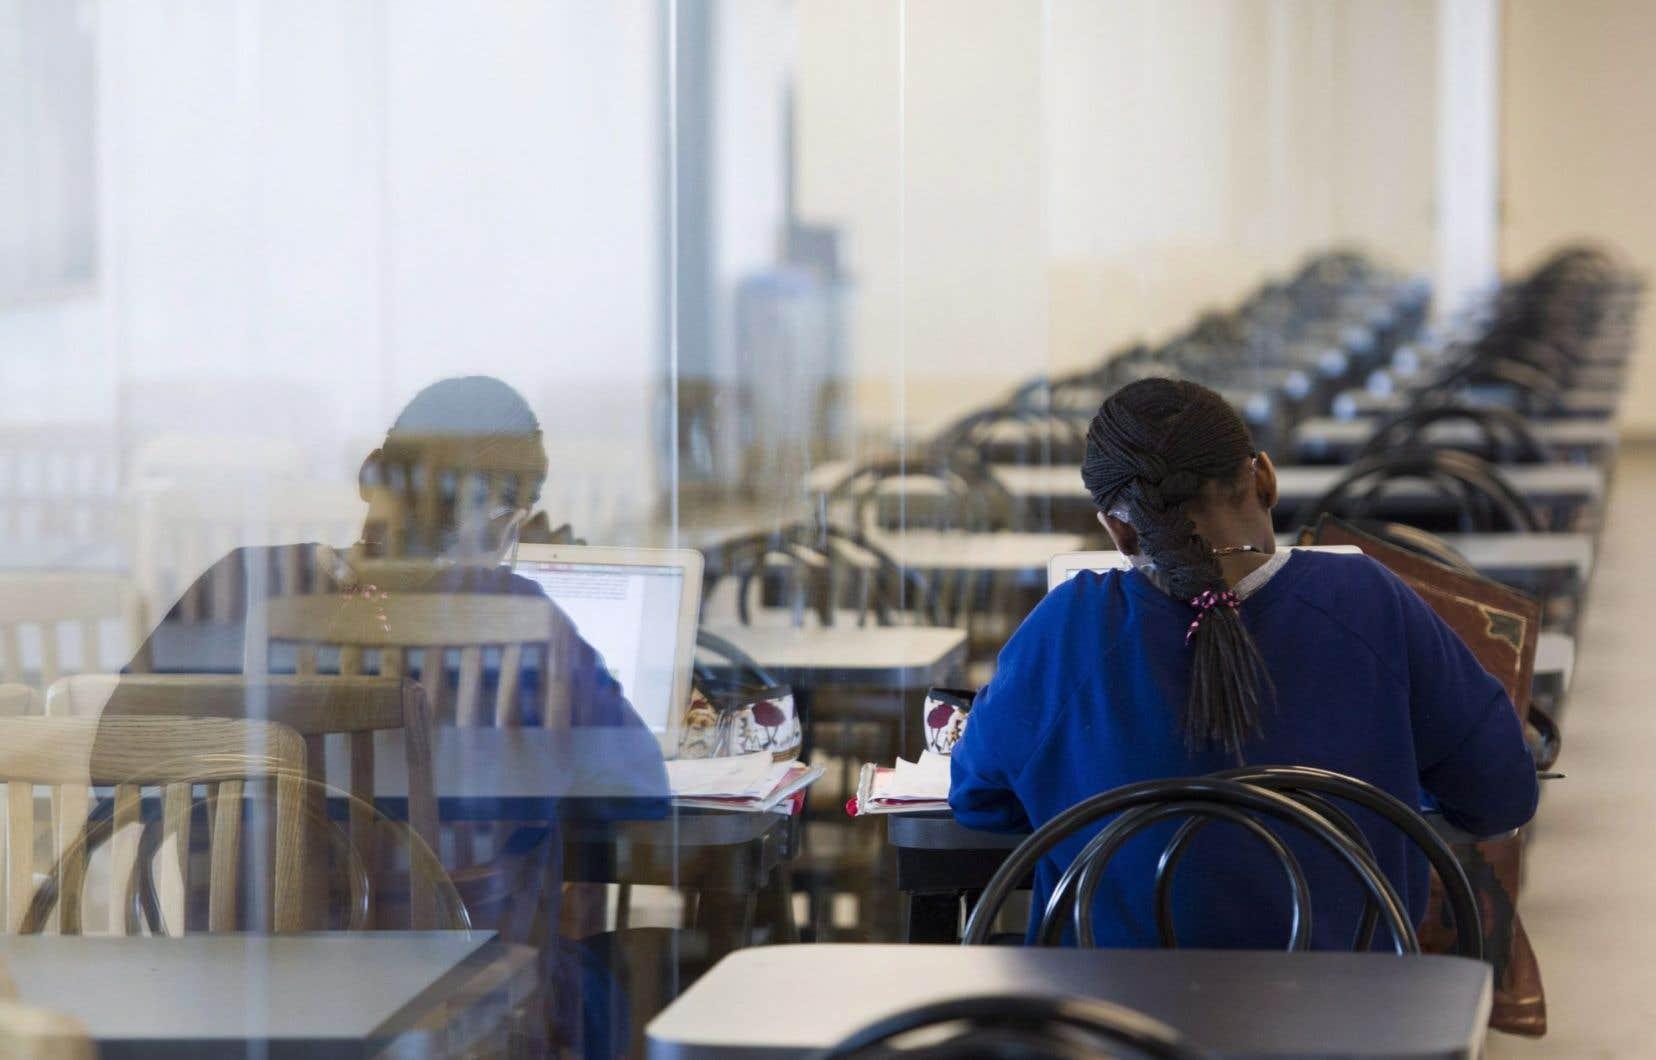 Les événements de radicalisation qui ont eu lieu au Collège de Maisonneuve ont influé sur le climat étudiant.